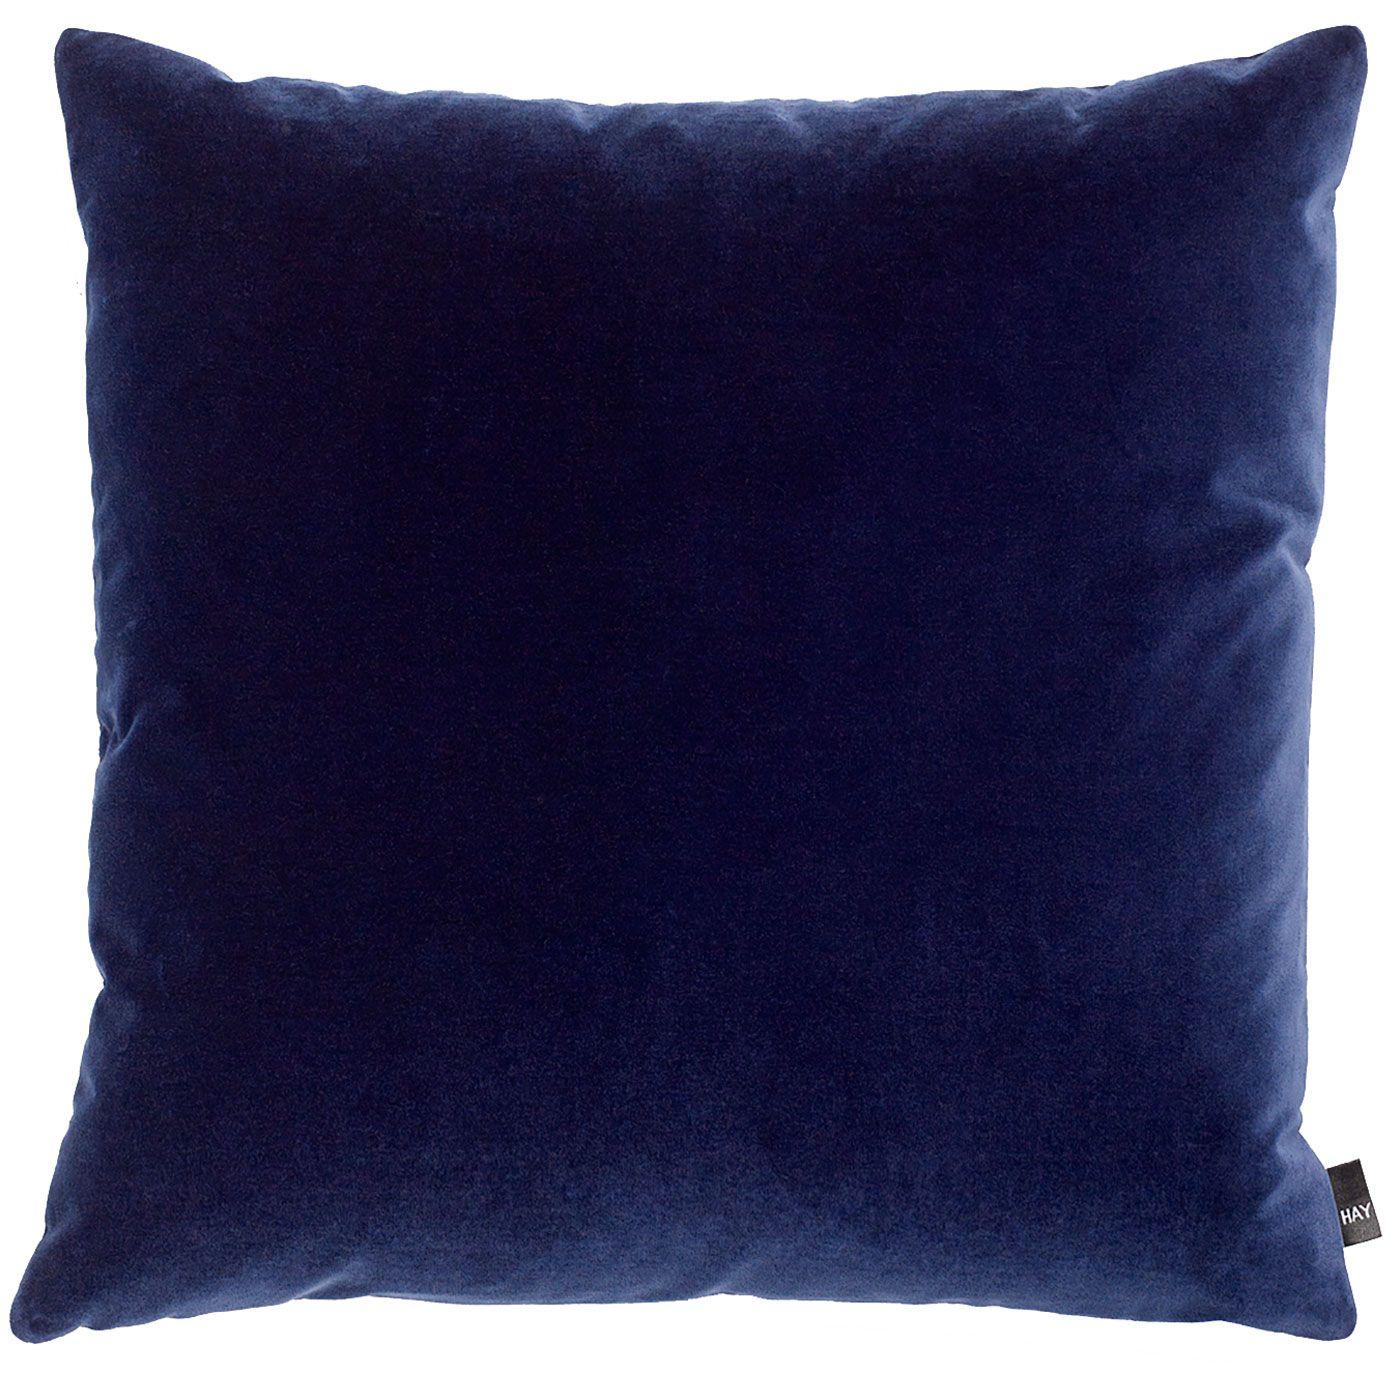 Hay Eclectic kussen 50x50 blue